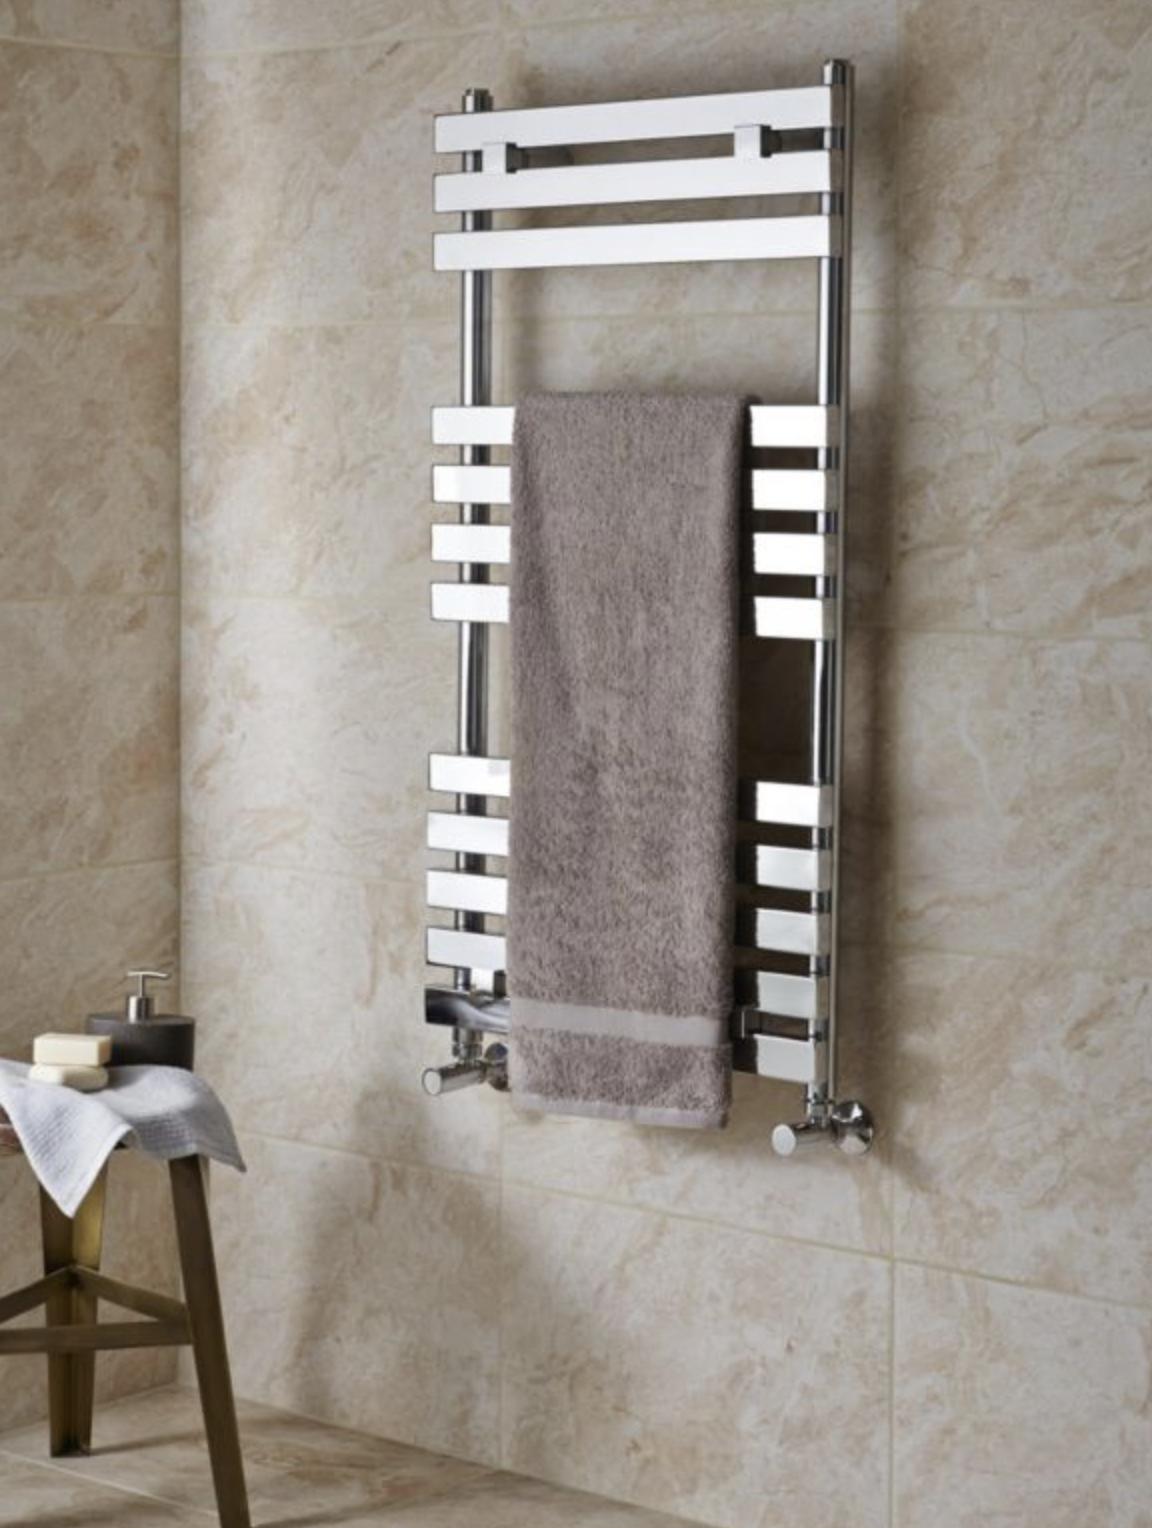 KUDOX MALAGA Towel Warmer (H)974MM (W)500MM £75 @ B&Q